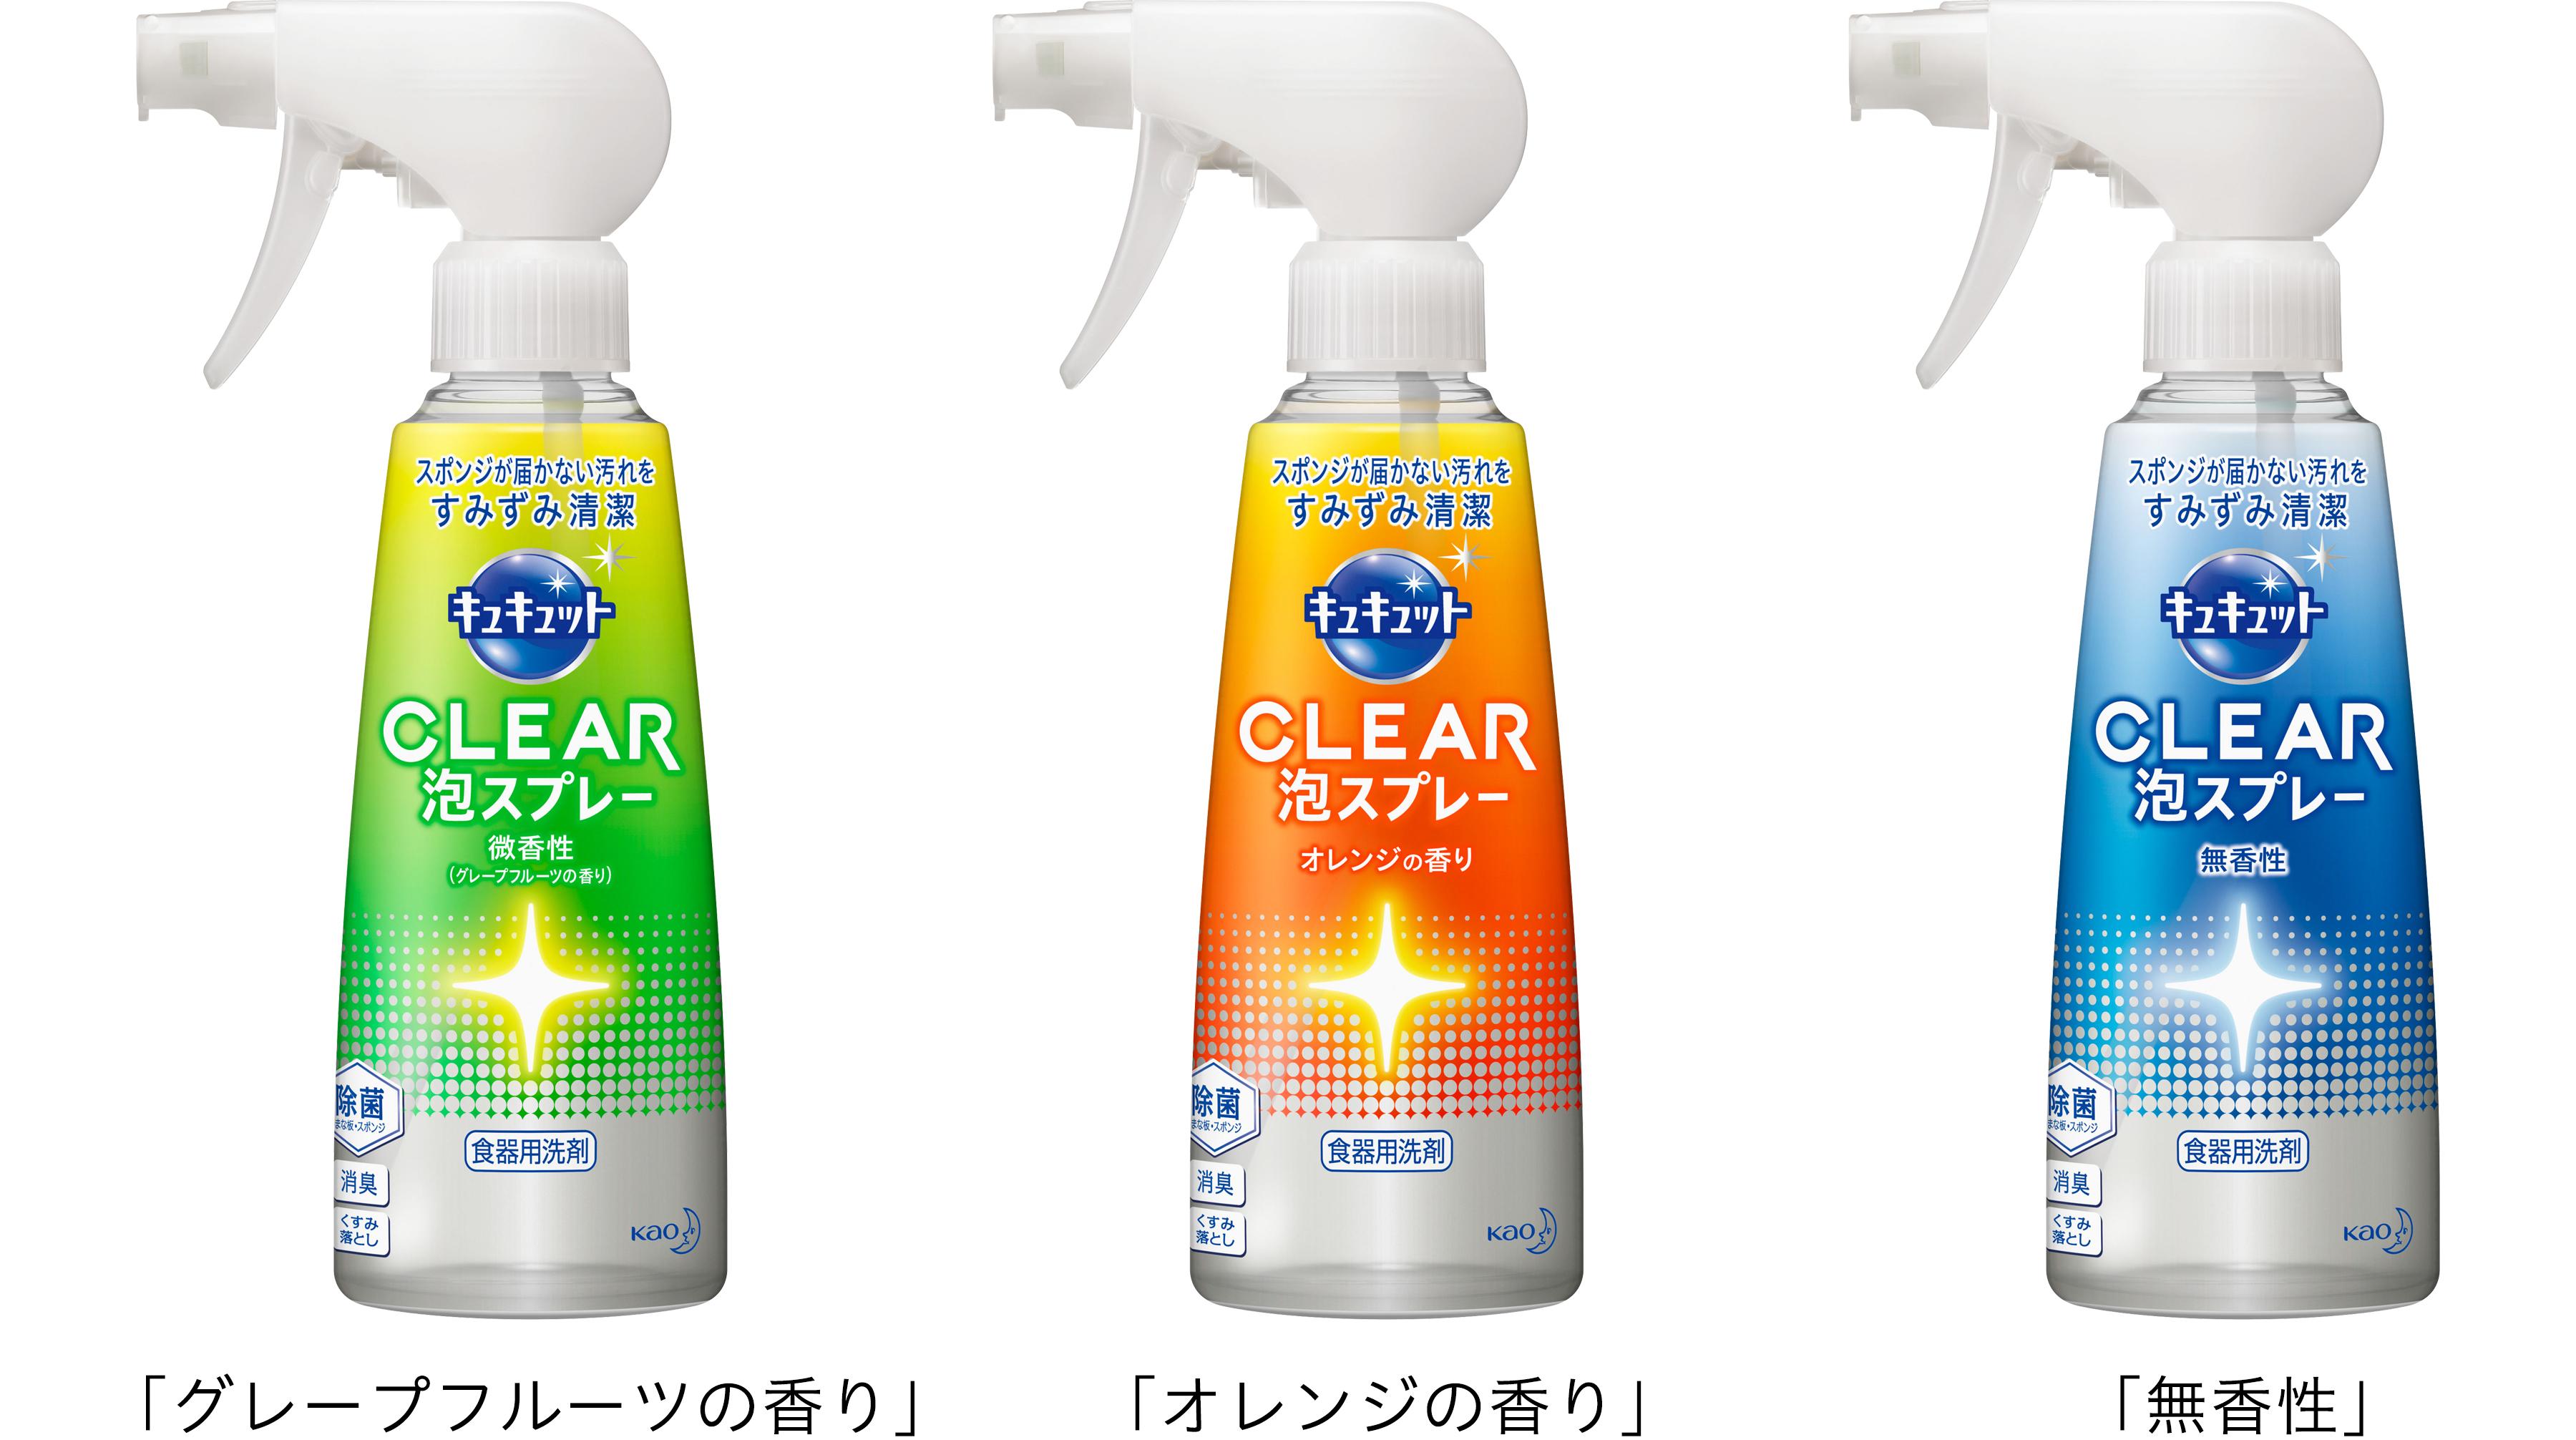 『キュキュット CLEAR泡スプレー』改良新発売